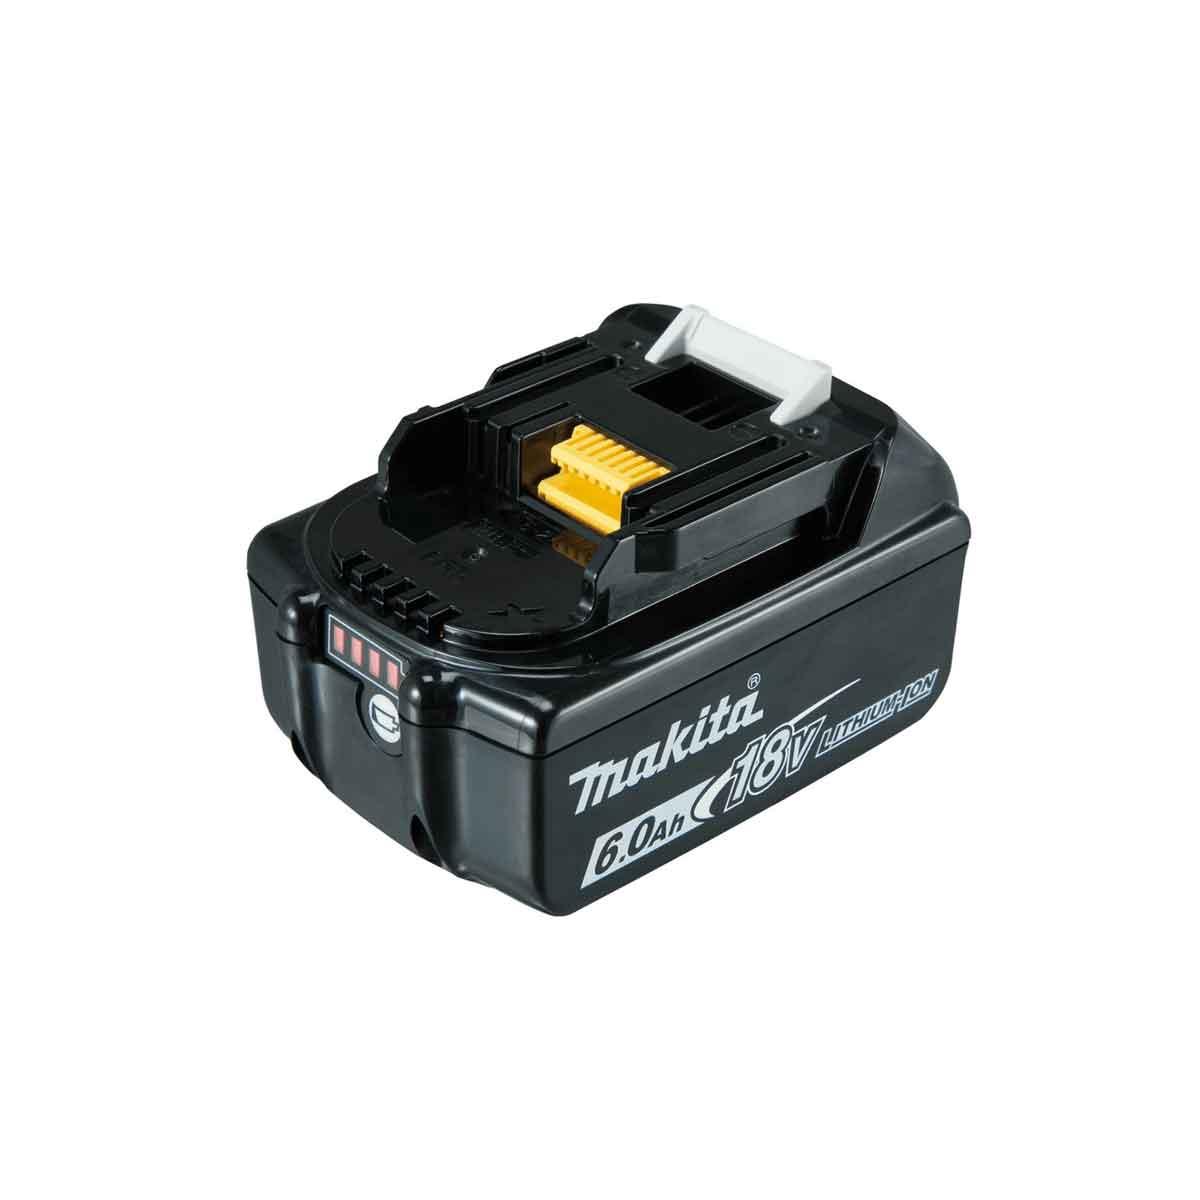 Combo Roçadeira A Bateria 18v + 18v Dur365uz Makita